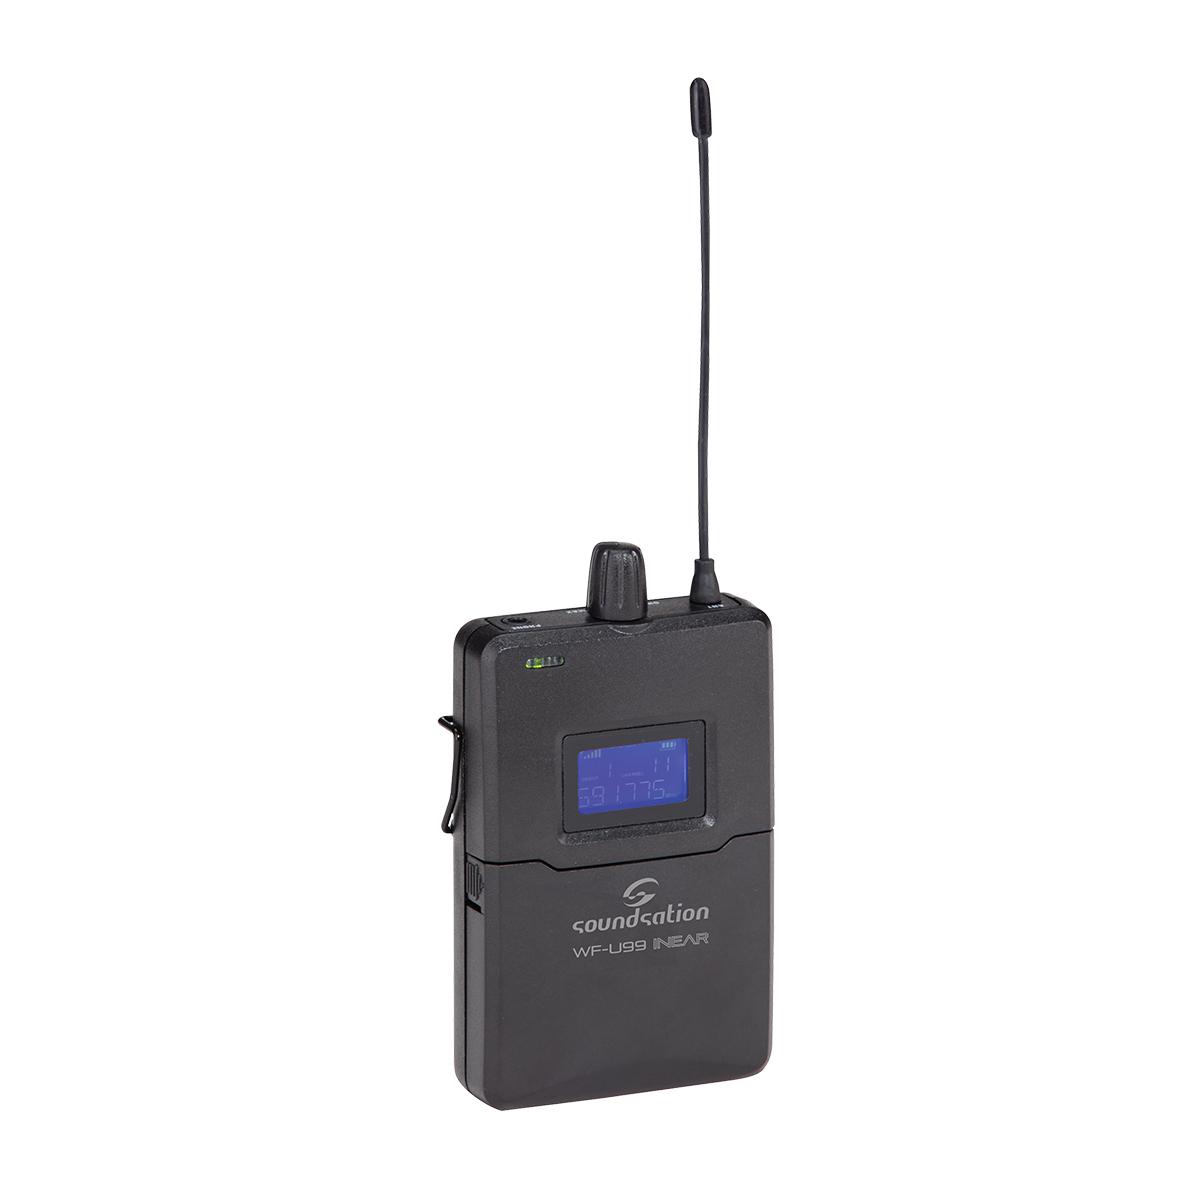 RICEVITORE PER WF-U99 INEAR SOUNDSATION WF-U99 RX UHF 99-CANALI 863-865MHz